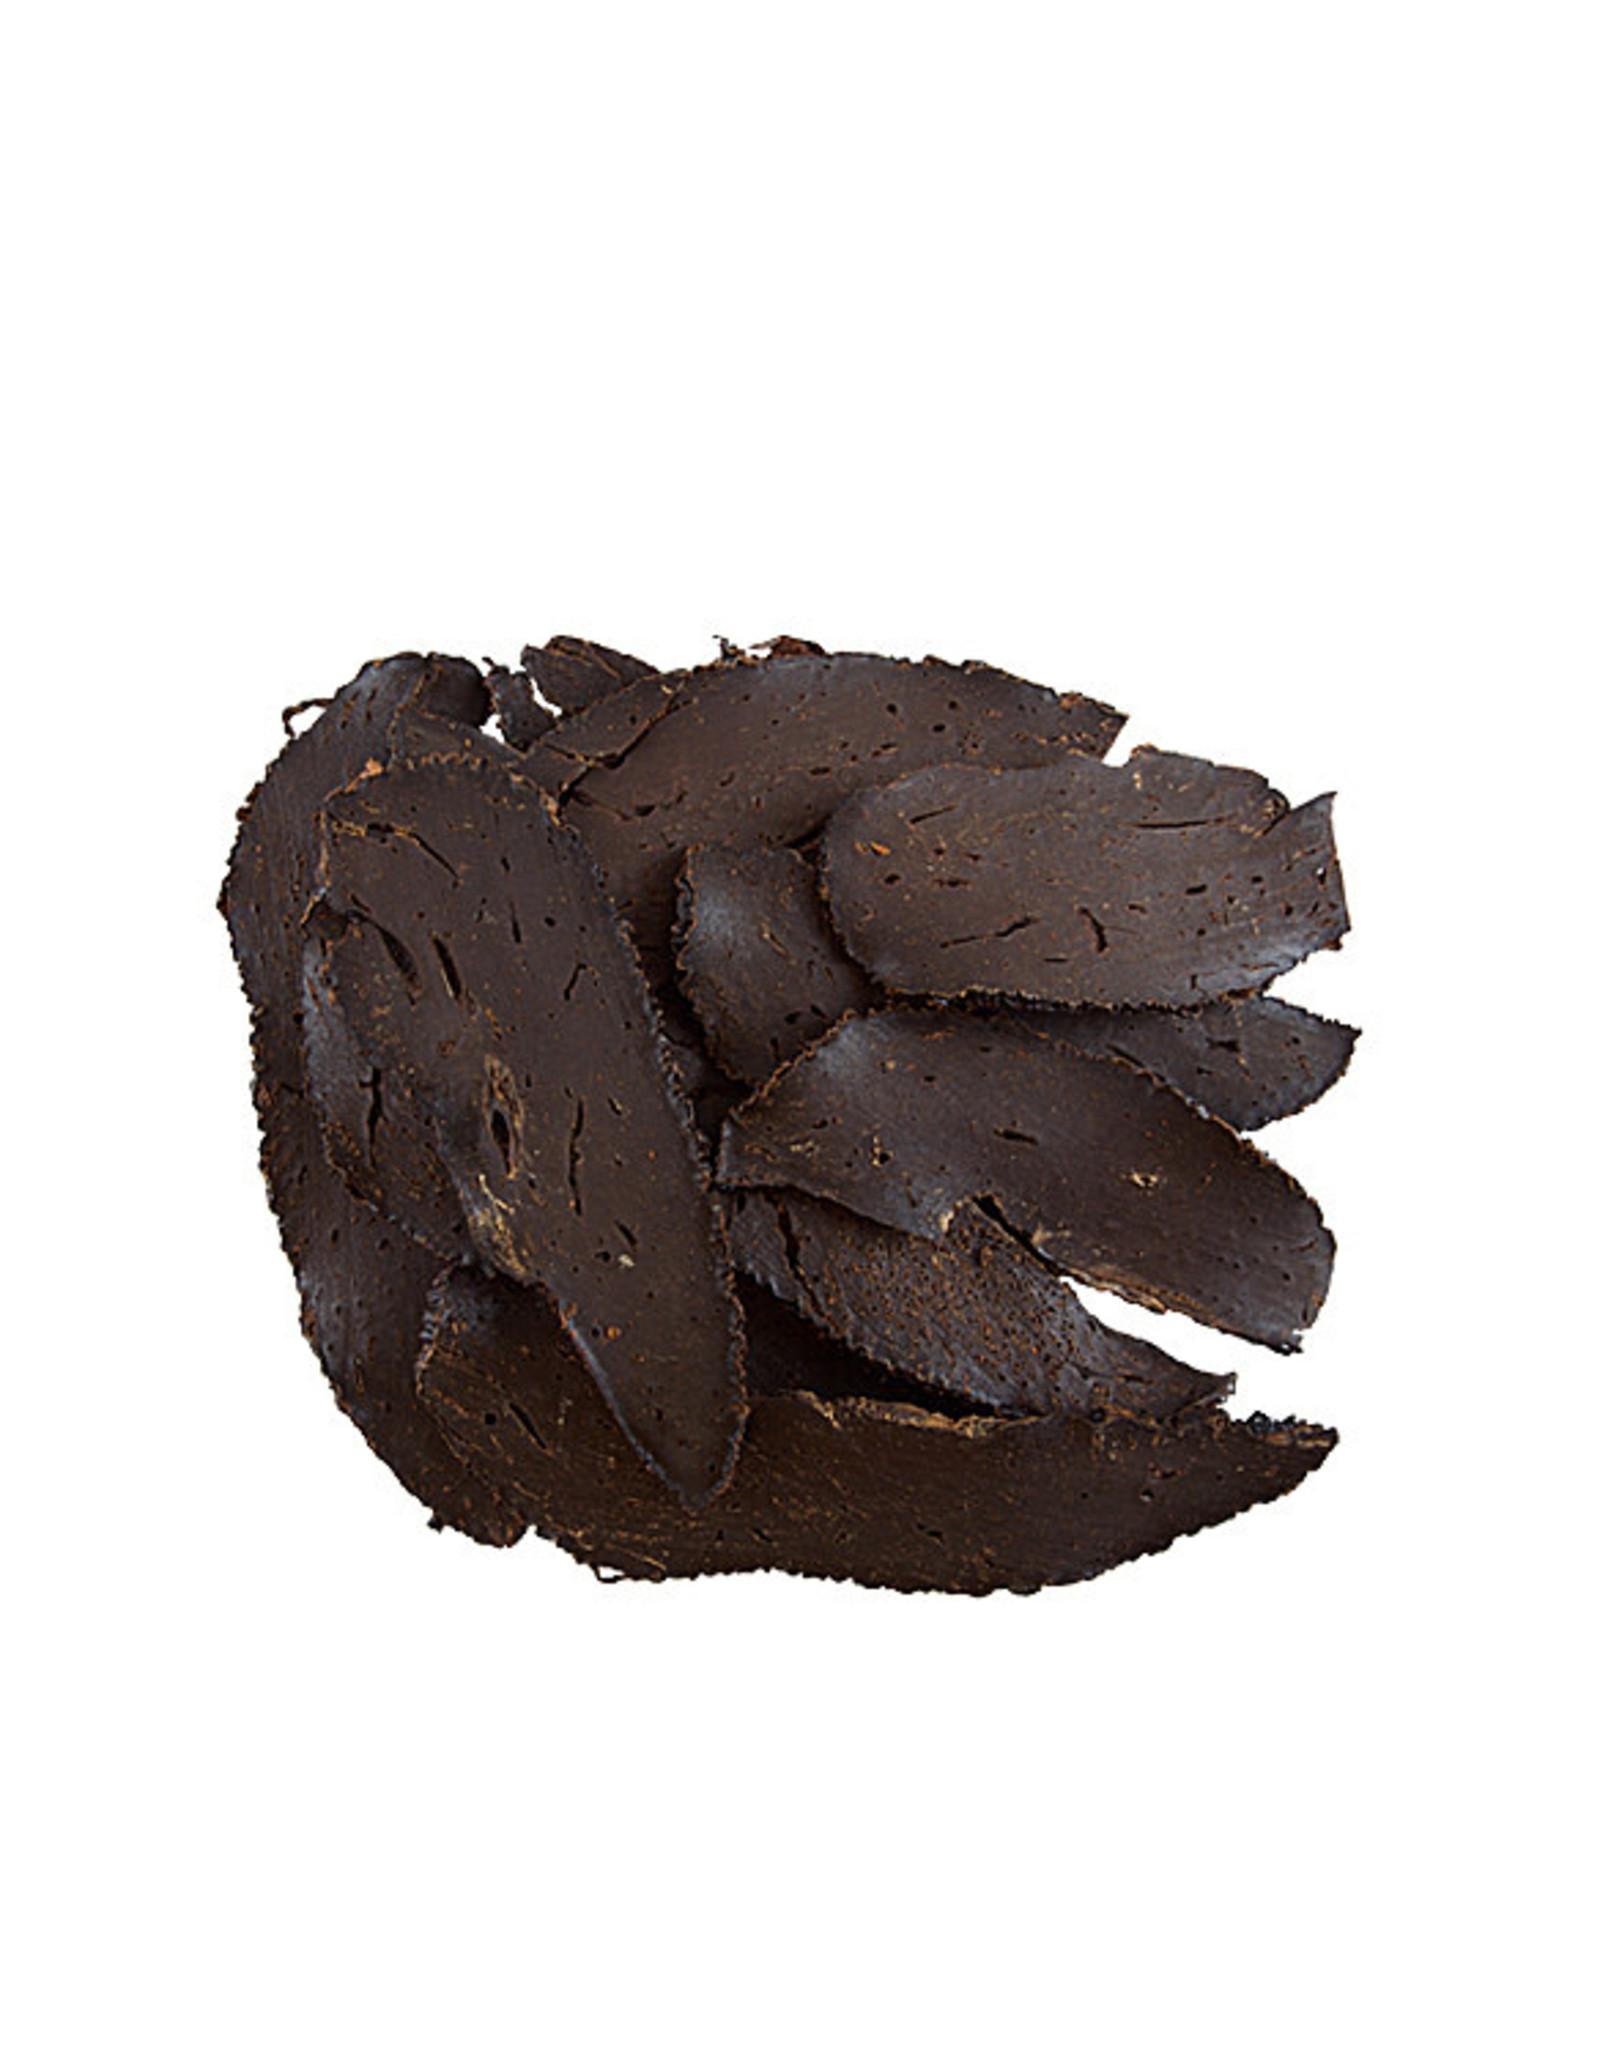 Crumps Crumps chien filets de foie de boeuf cuits11.6 oz